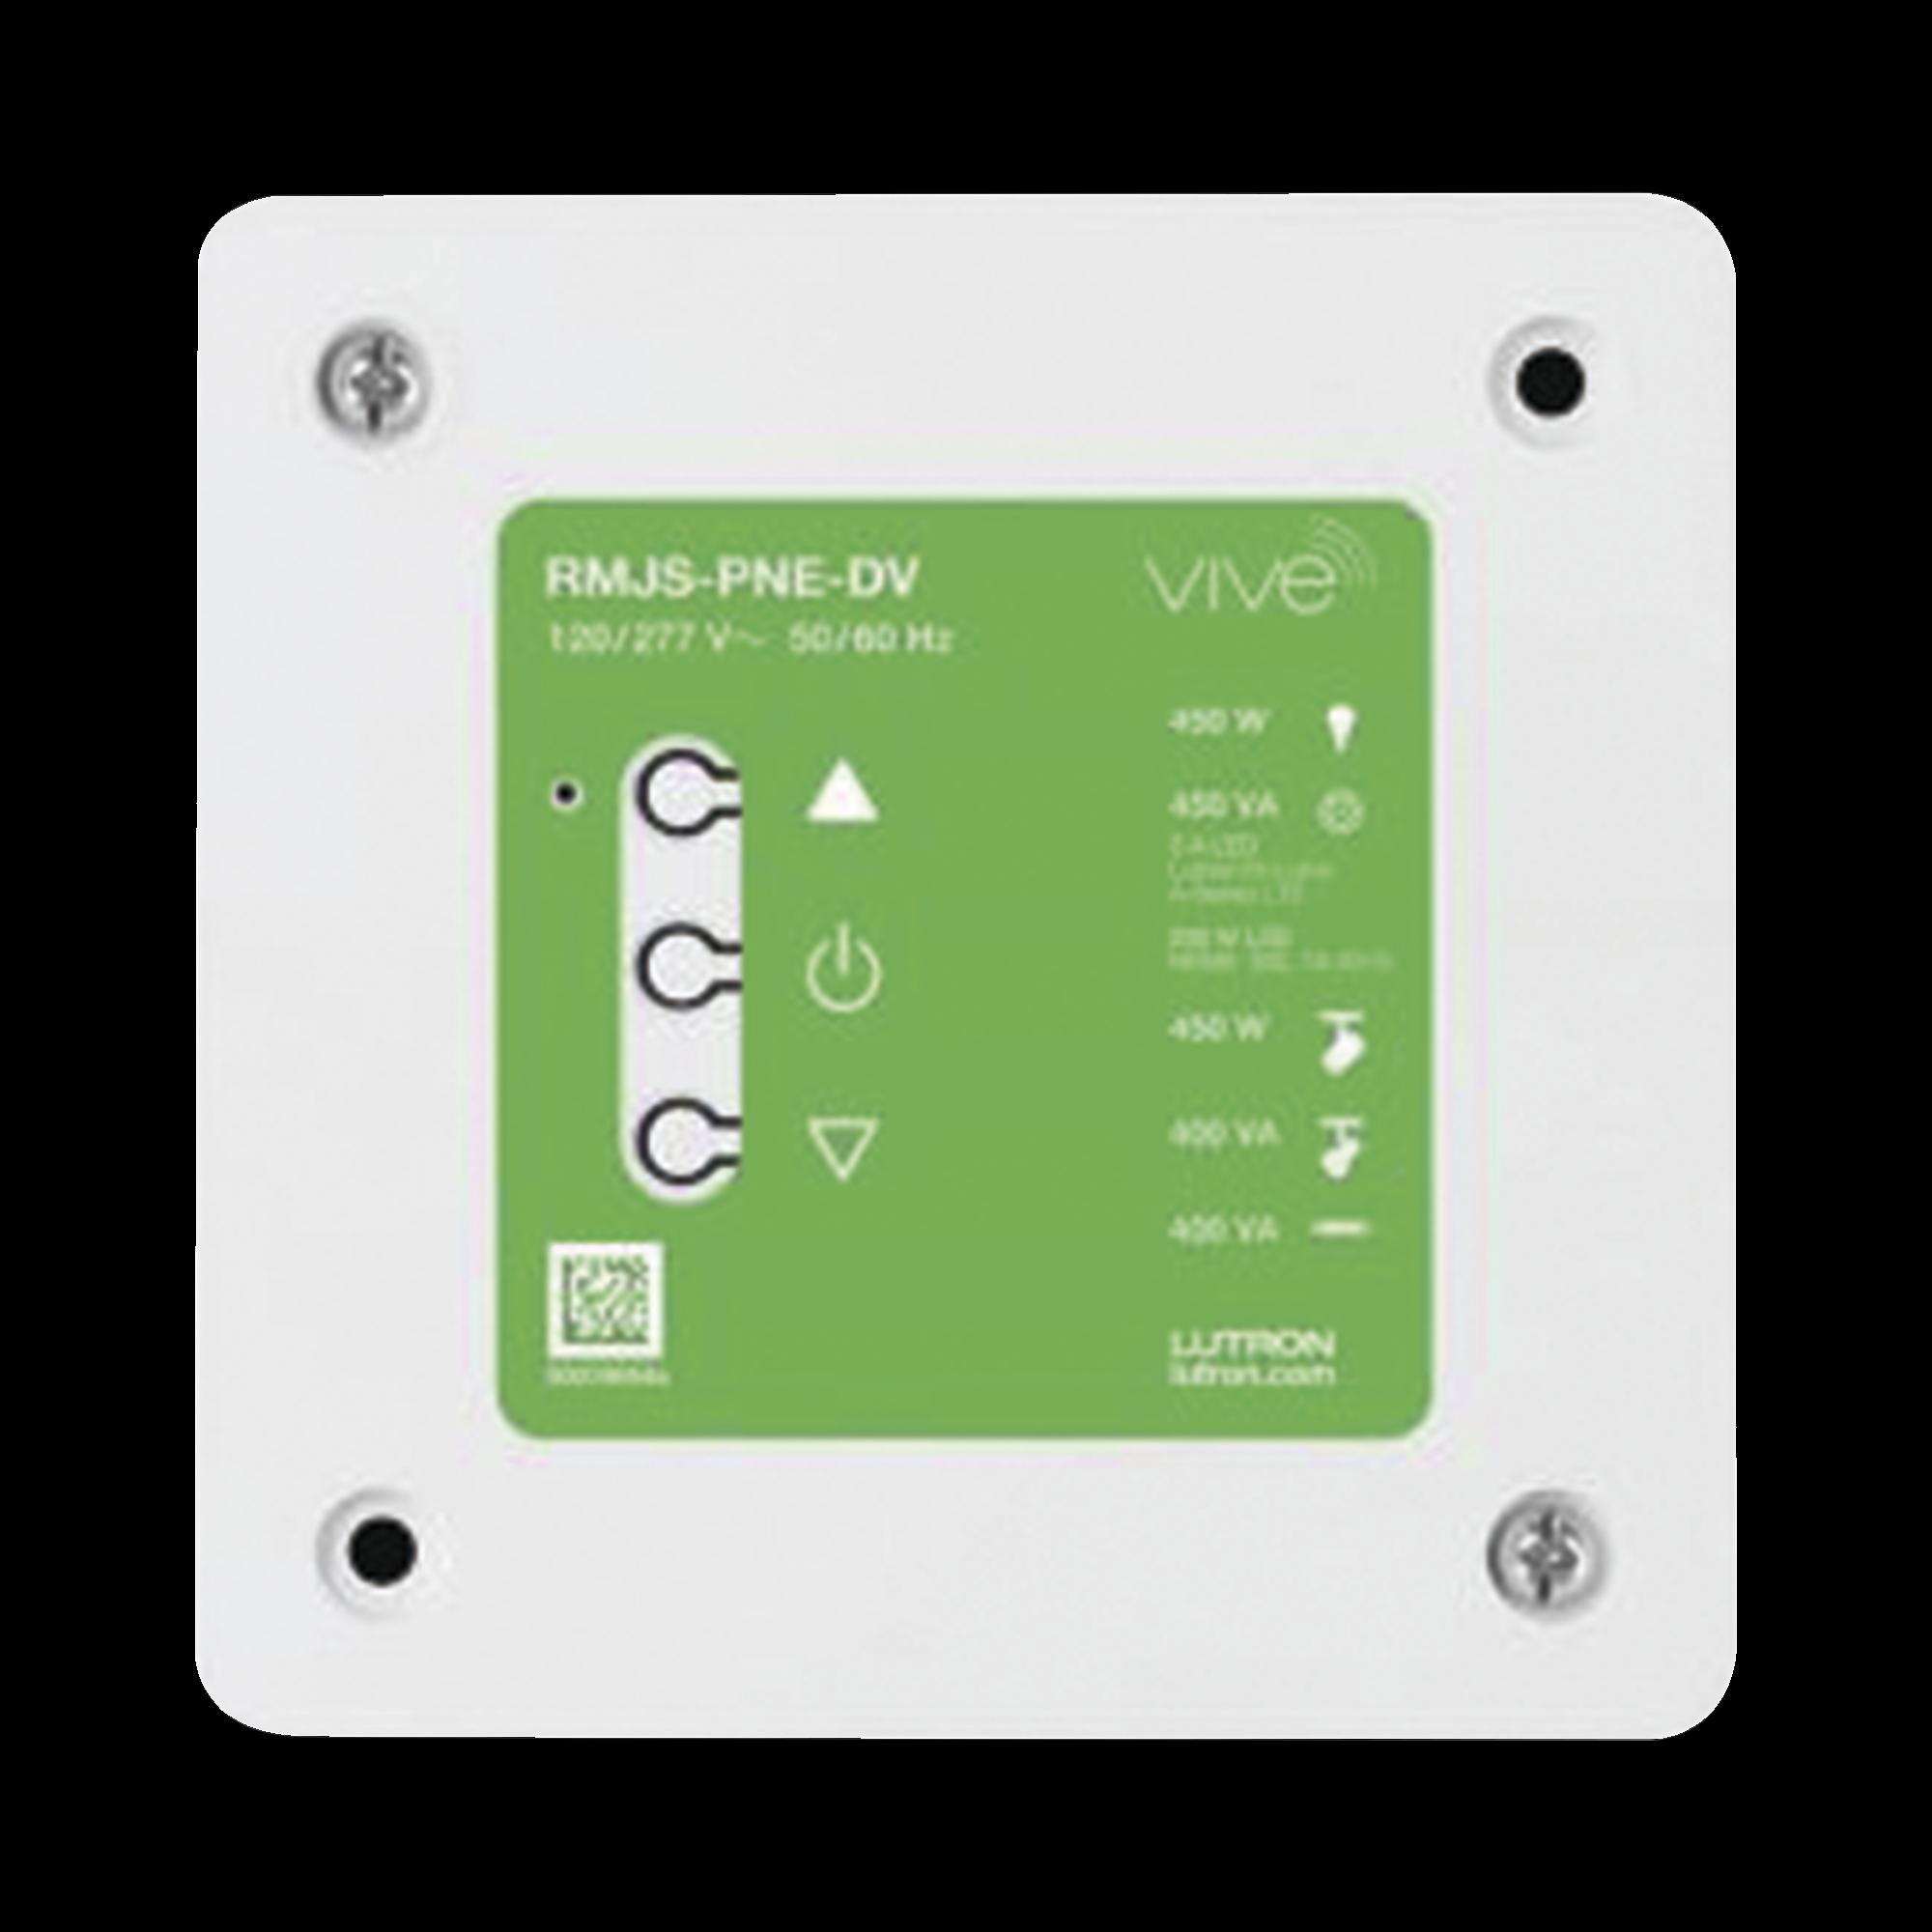 Controlador 8A para accesorios controlados de 0-10V